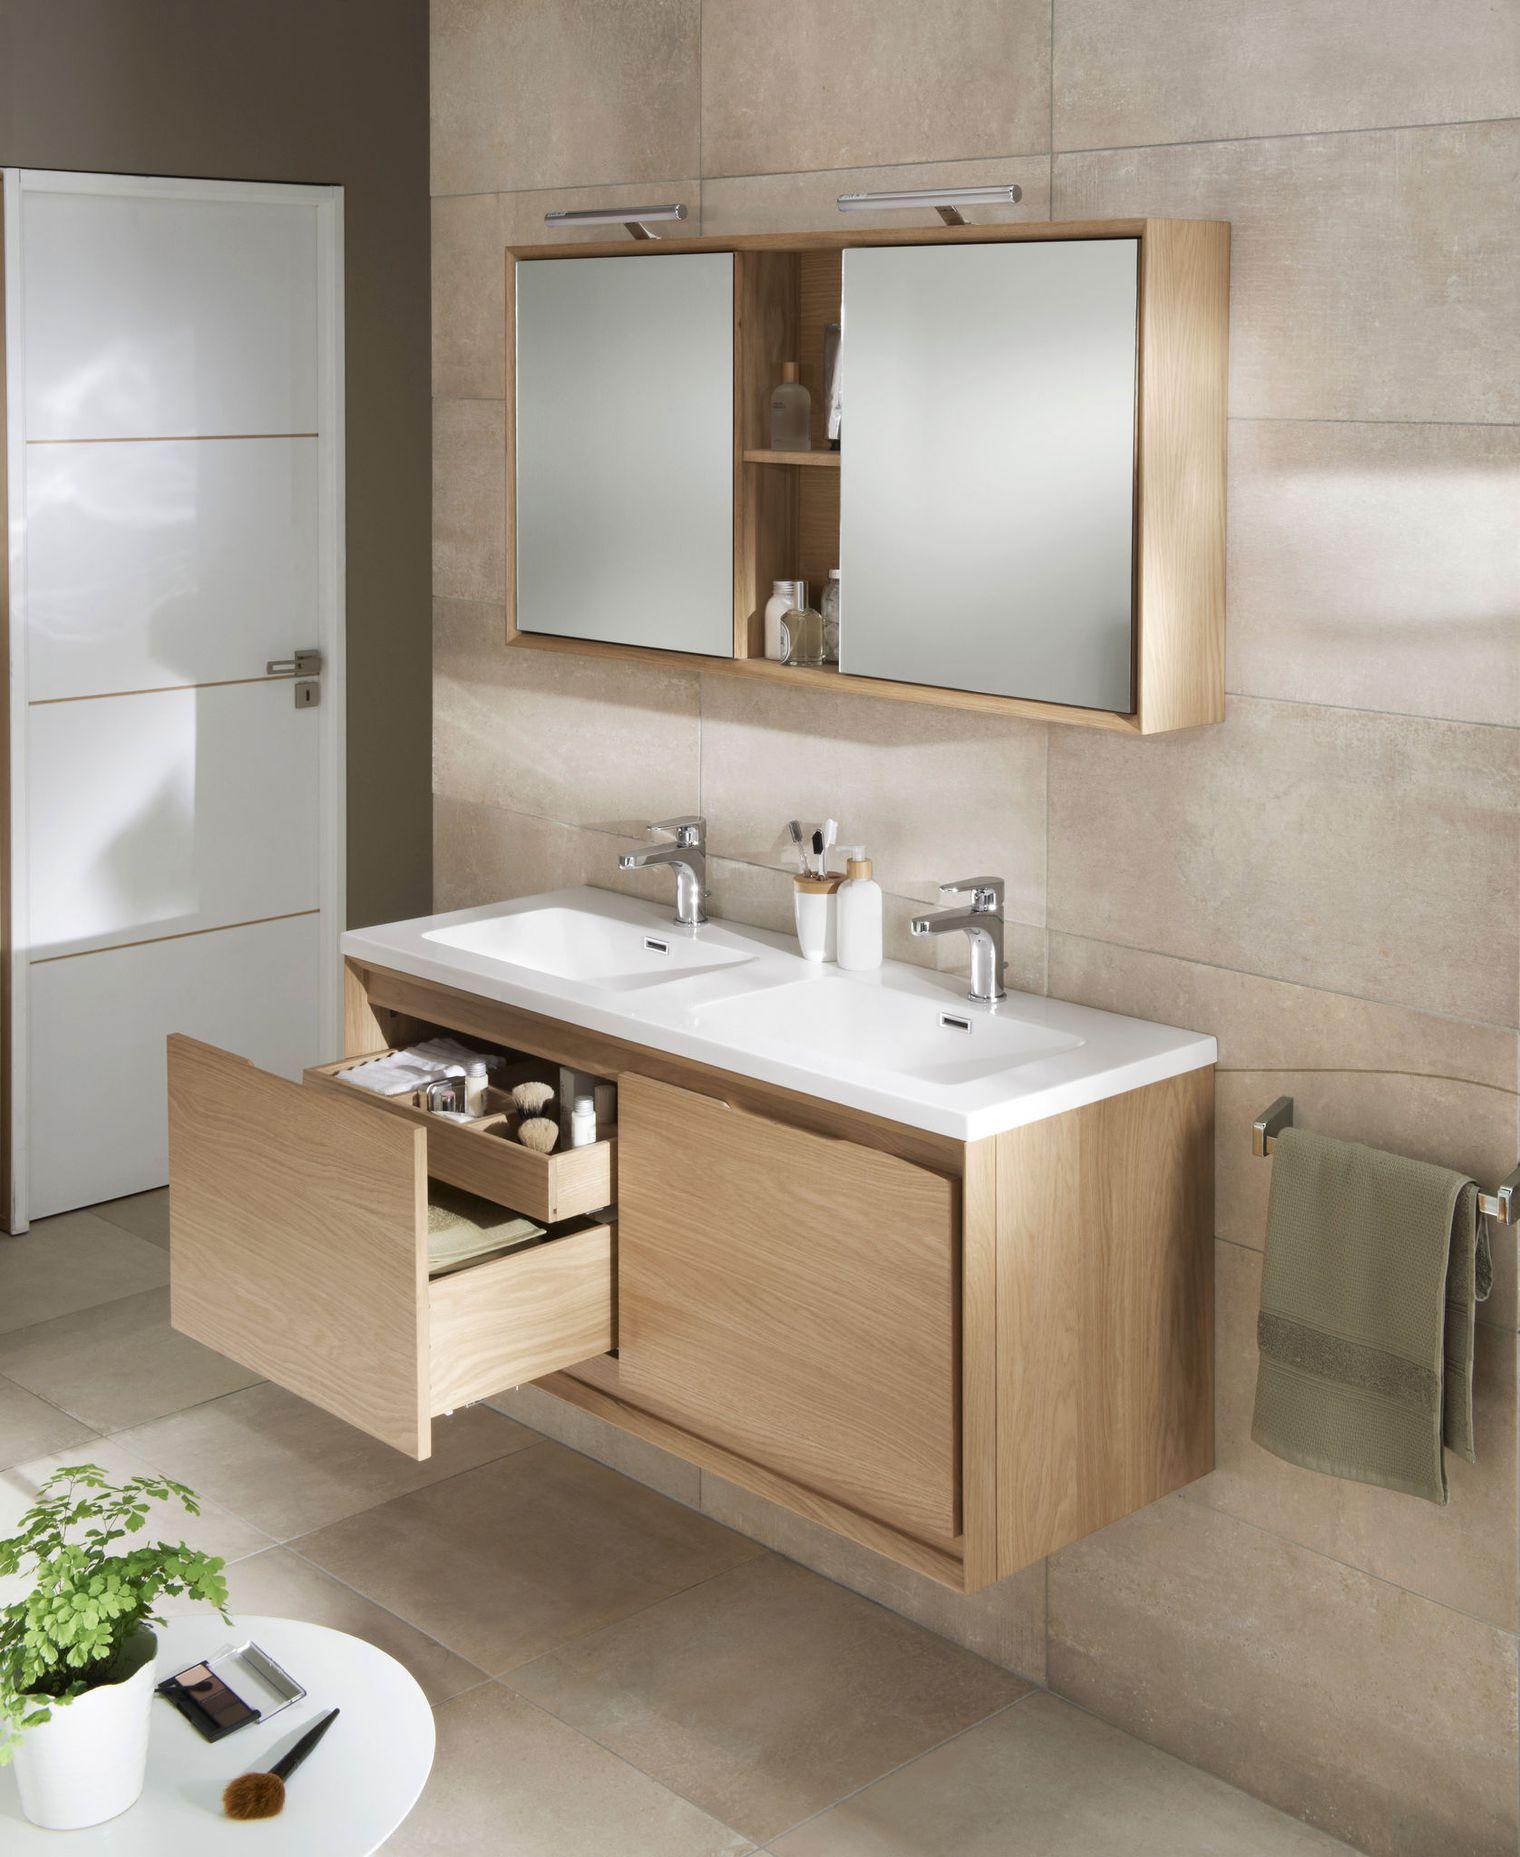 Salle de bains lapeyre les nouveaux meubles de salle de - Meuble de salle de bains en bois ...